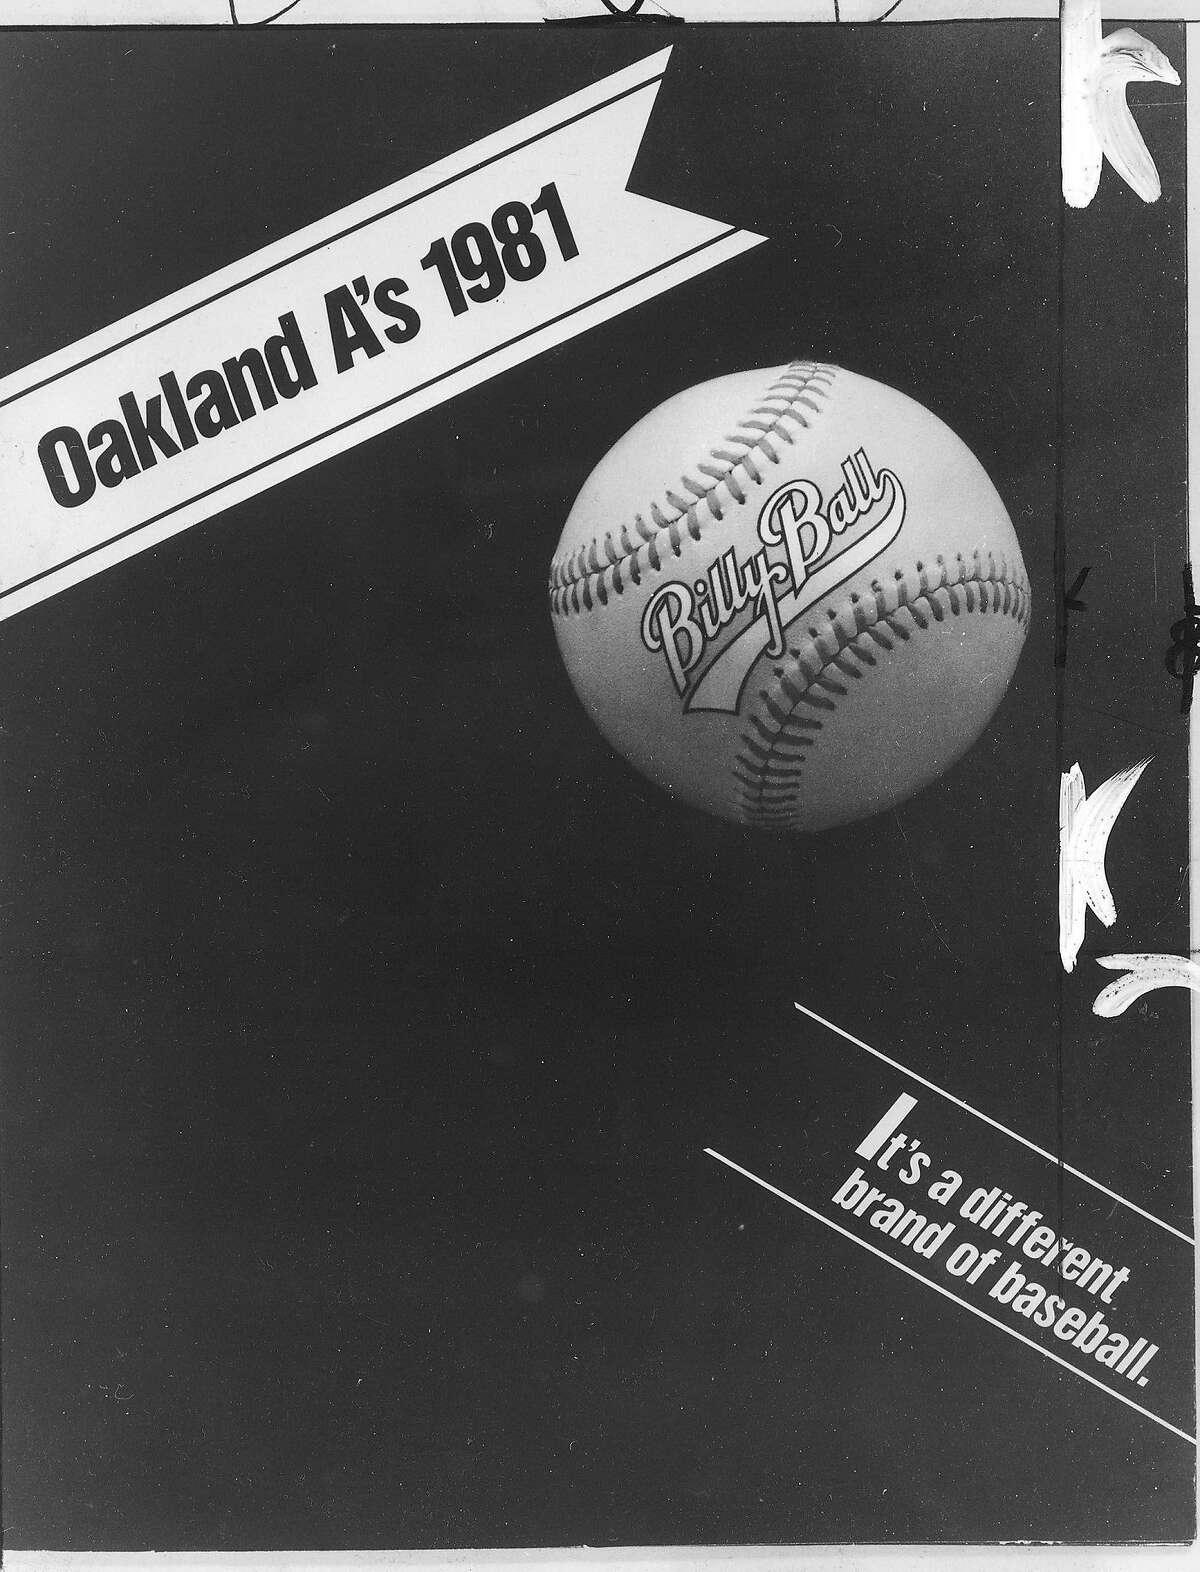 as19_1981-42.jpg October 15, 1981 Oakland Athletics Bill Ball Logo from the 1981 season